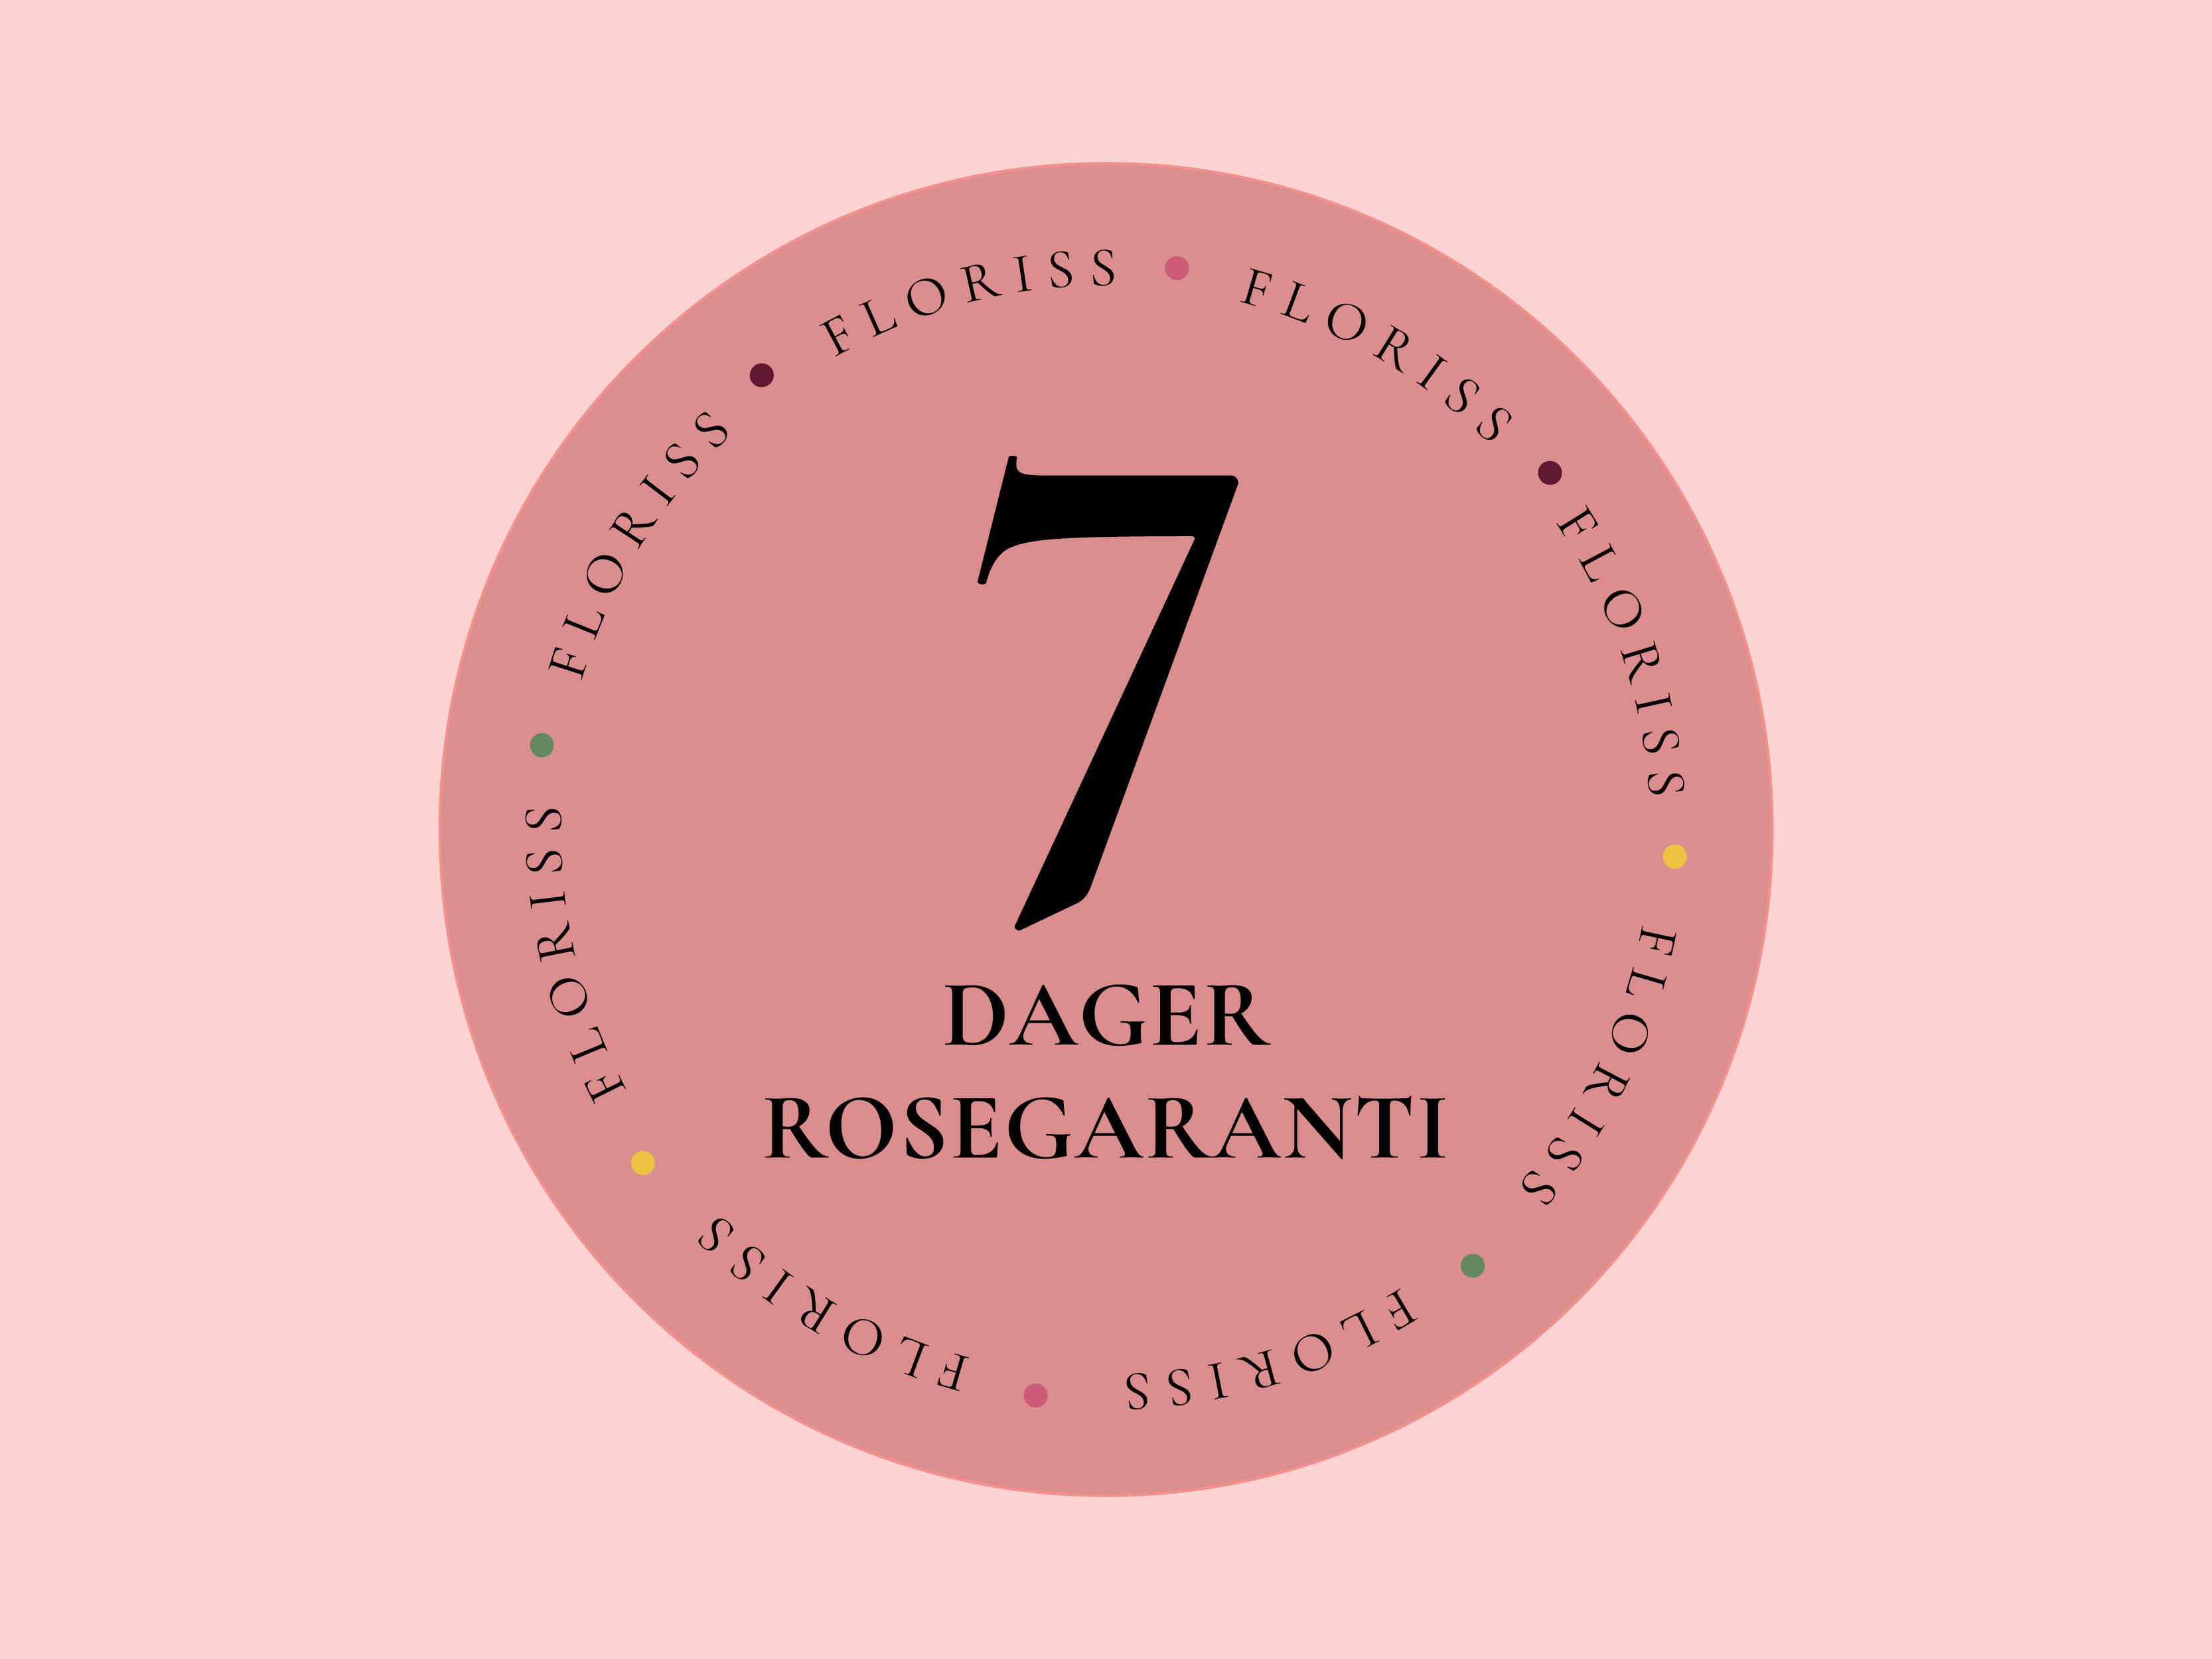 rosegaranti_floriss.jpg